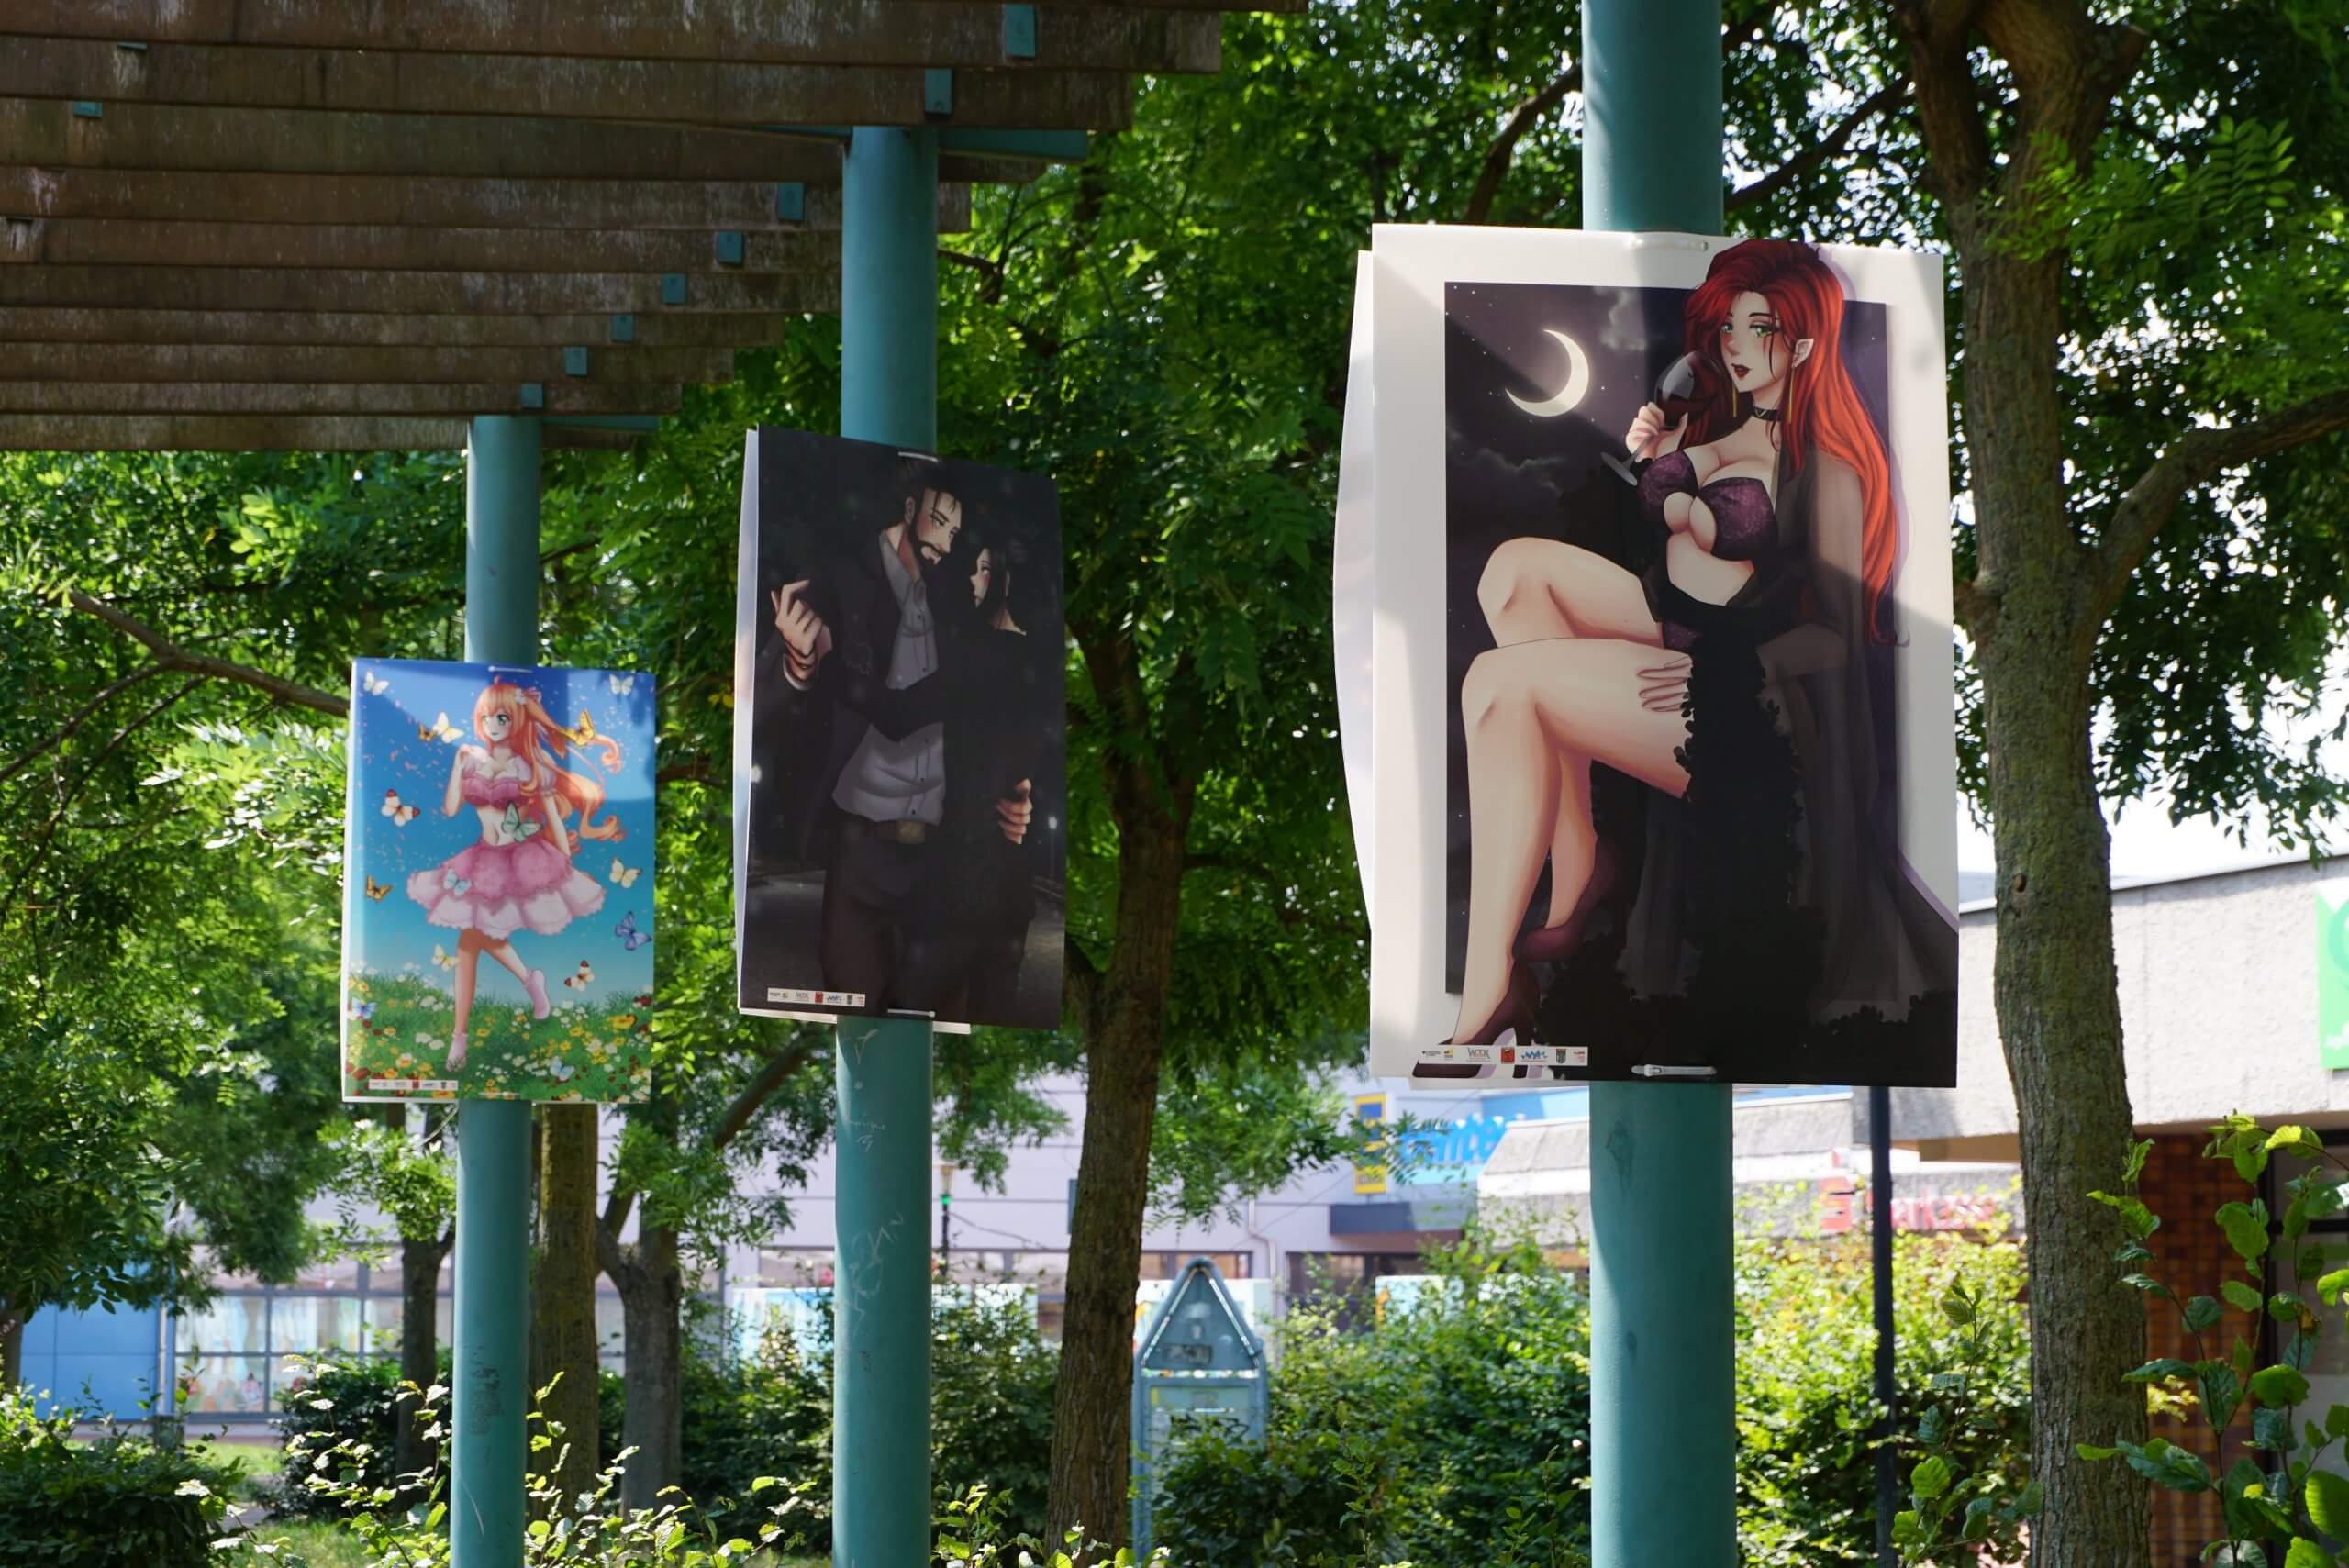 Das Bild zeigt, wie hier drei weitere Mangas in der Blickrichtung des Betrachters zu sehen sind.